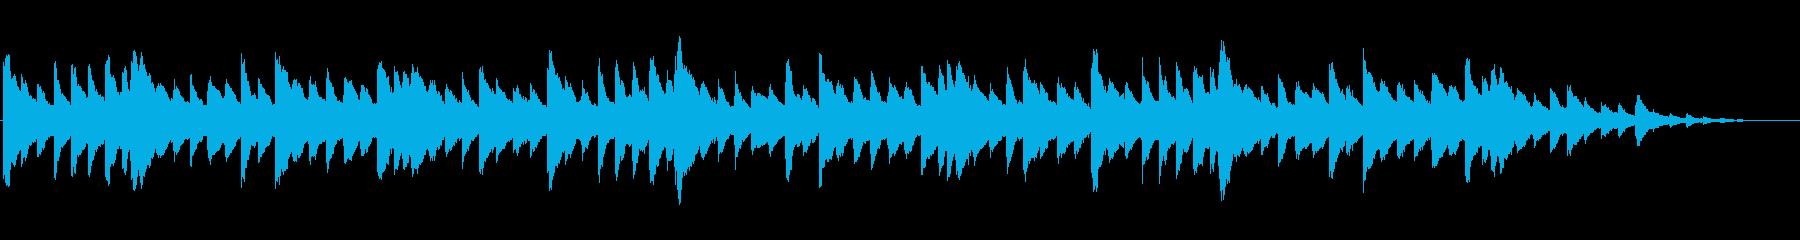 夜寝る時に聞きたいオルゴールの再生済みの波形